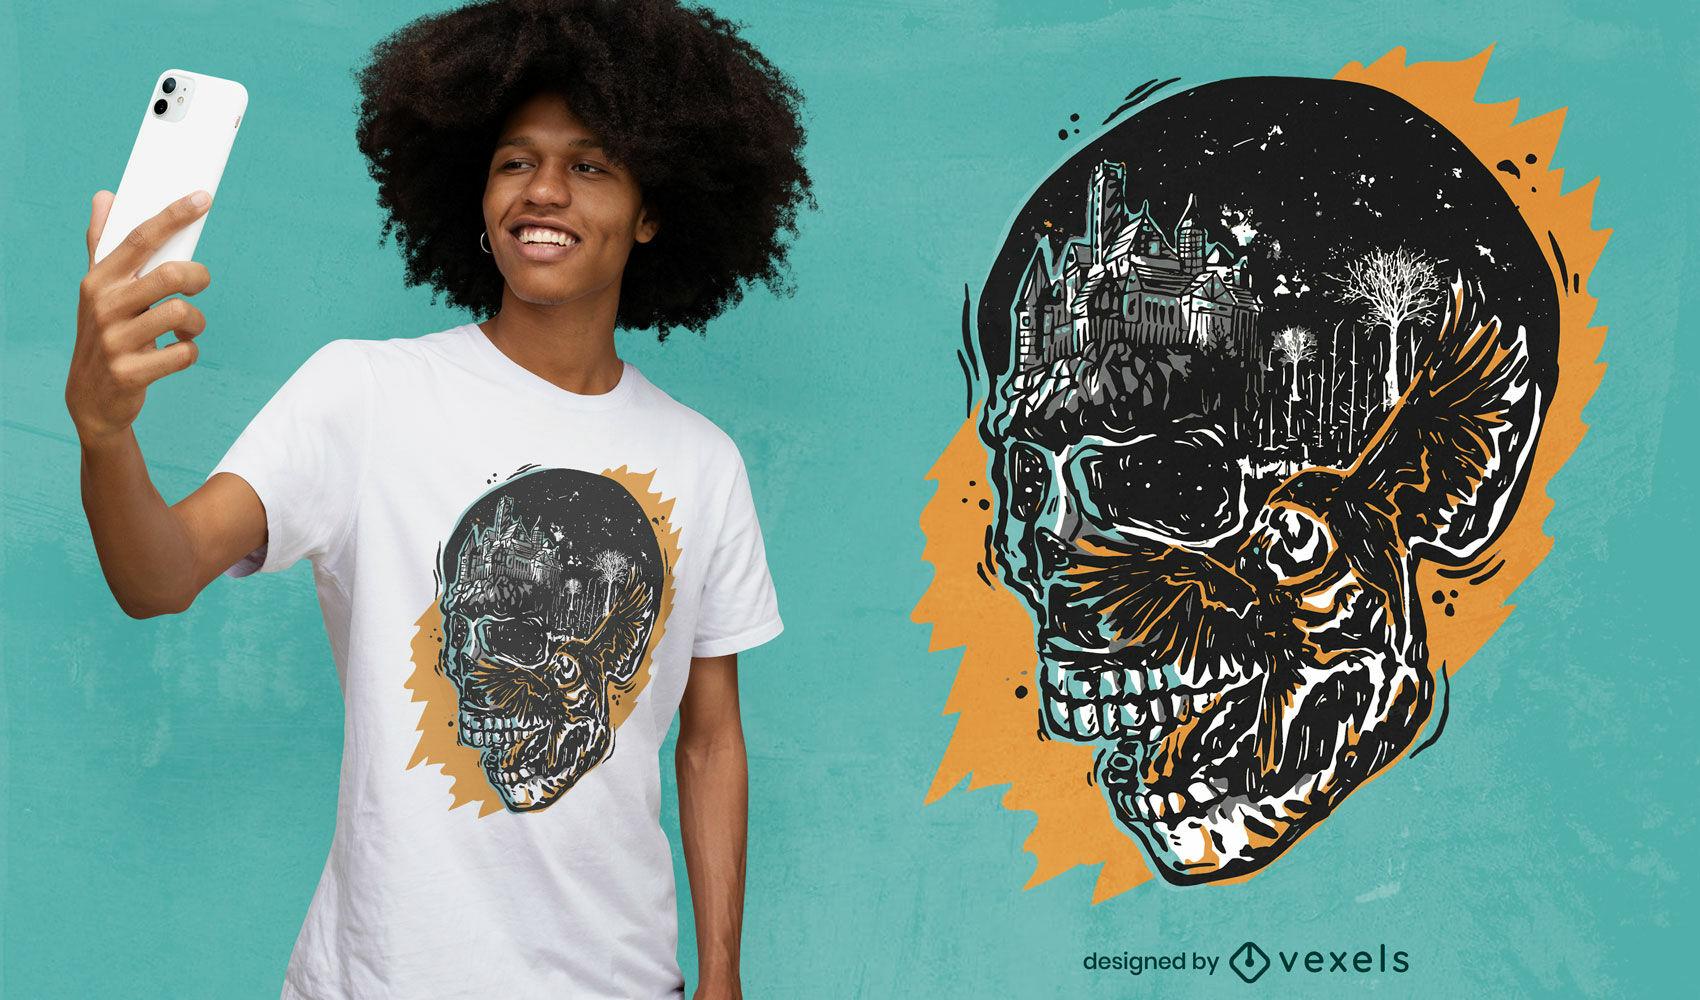 Raven no desenho da t-shirt com ilustração do crânio